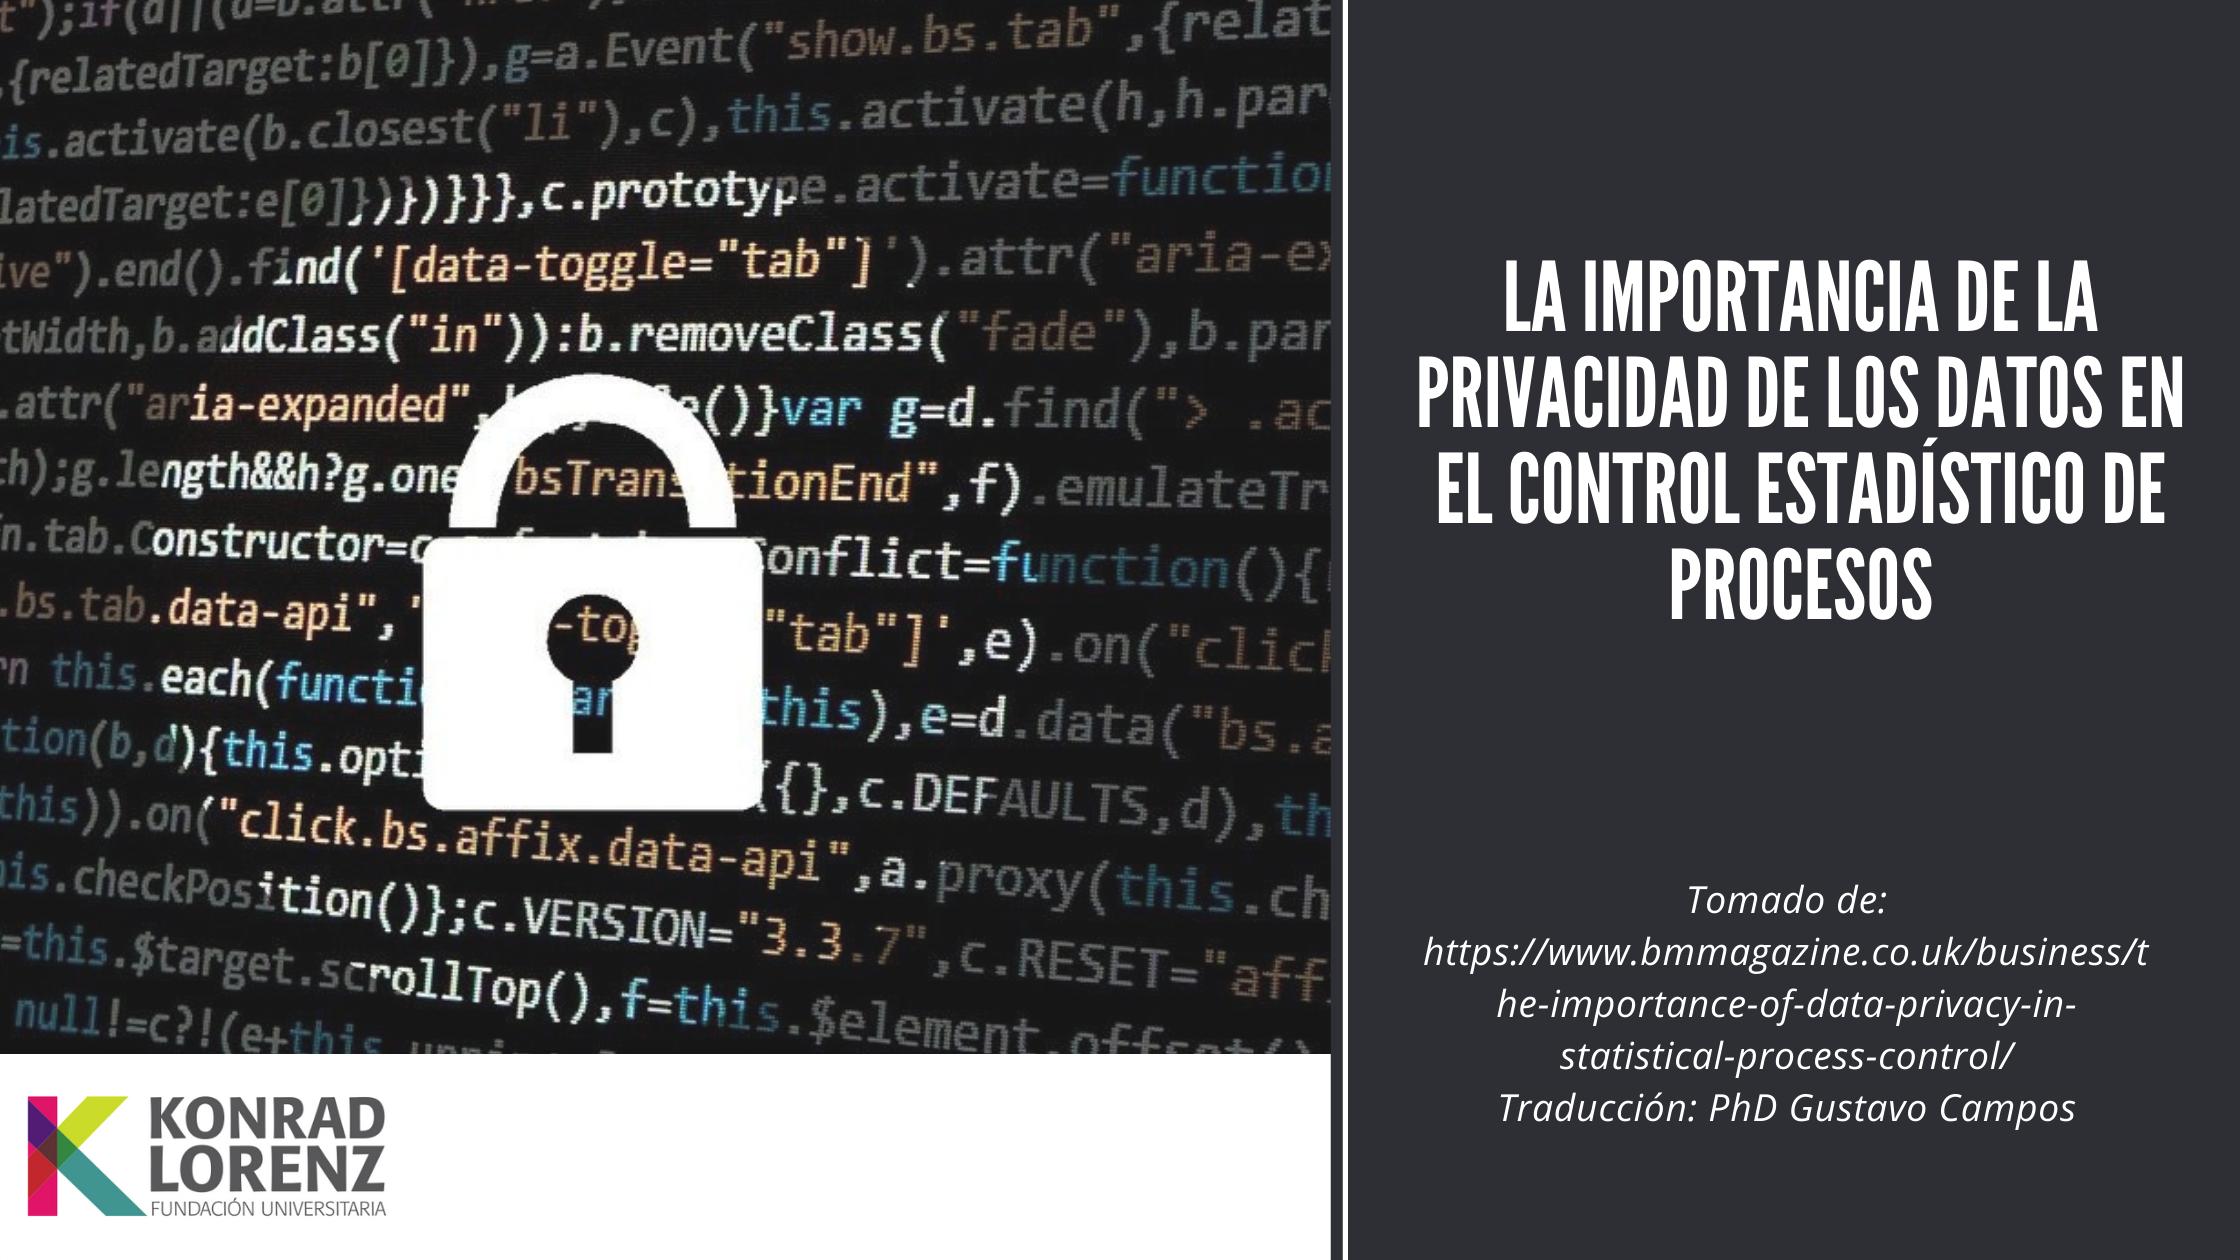 La importancia de la privacidad de los datos en el control estadístico de procesos